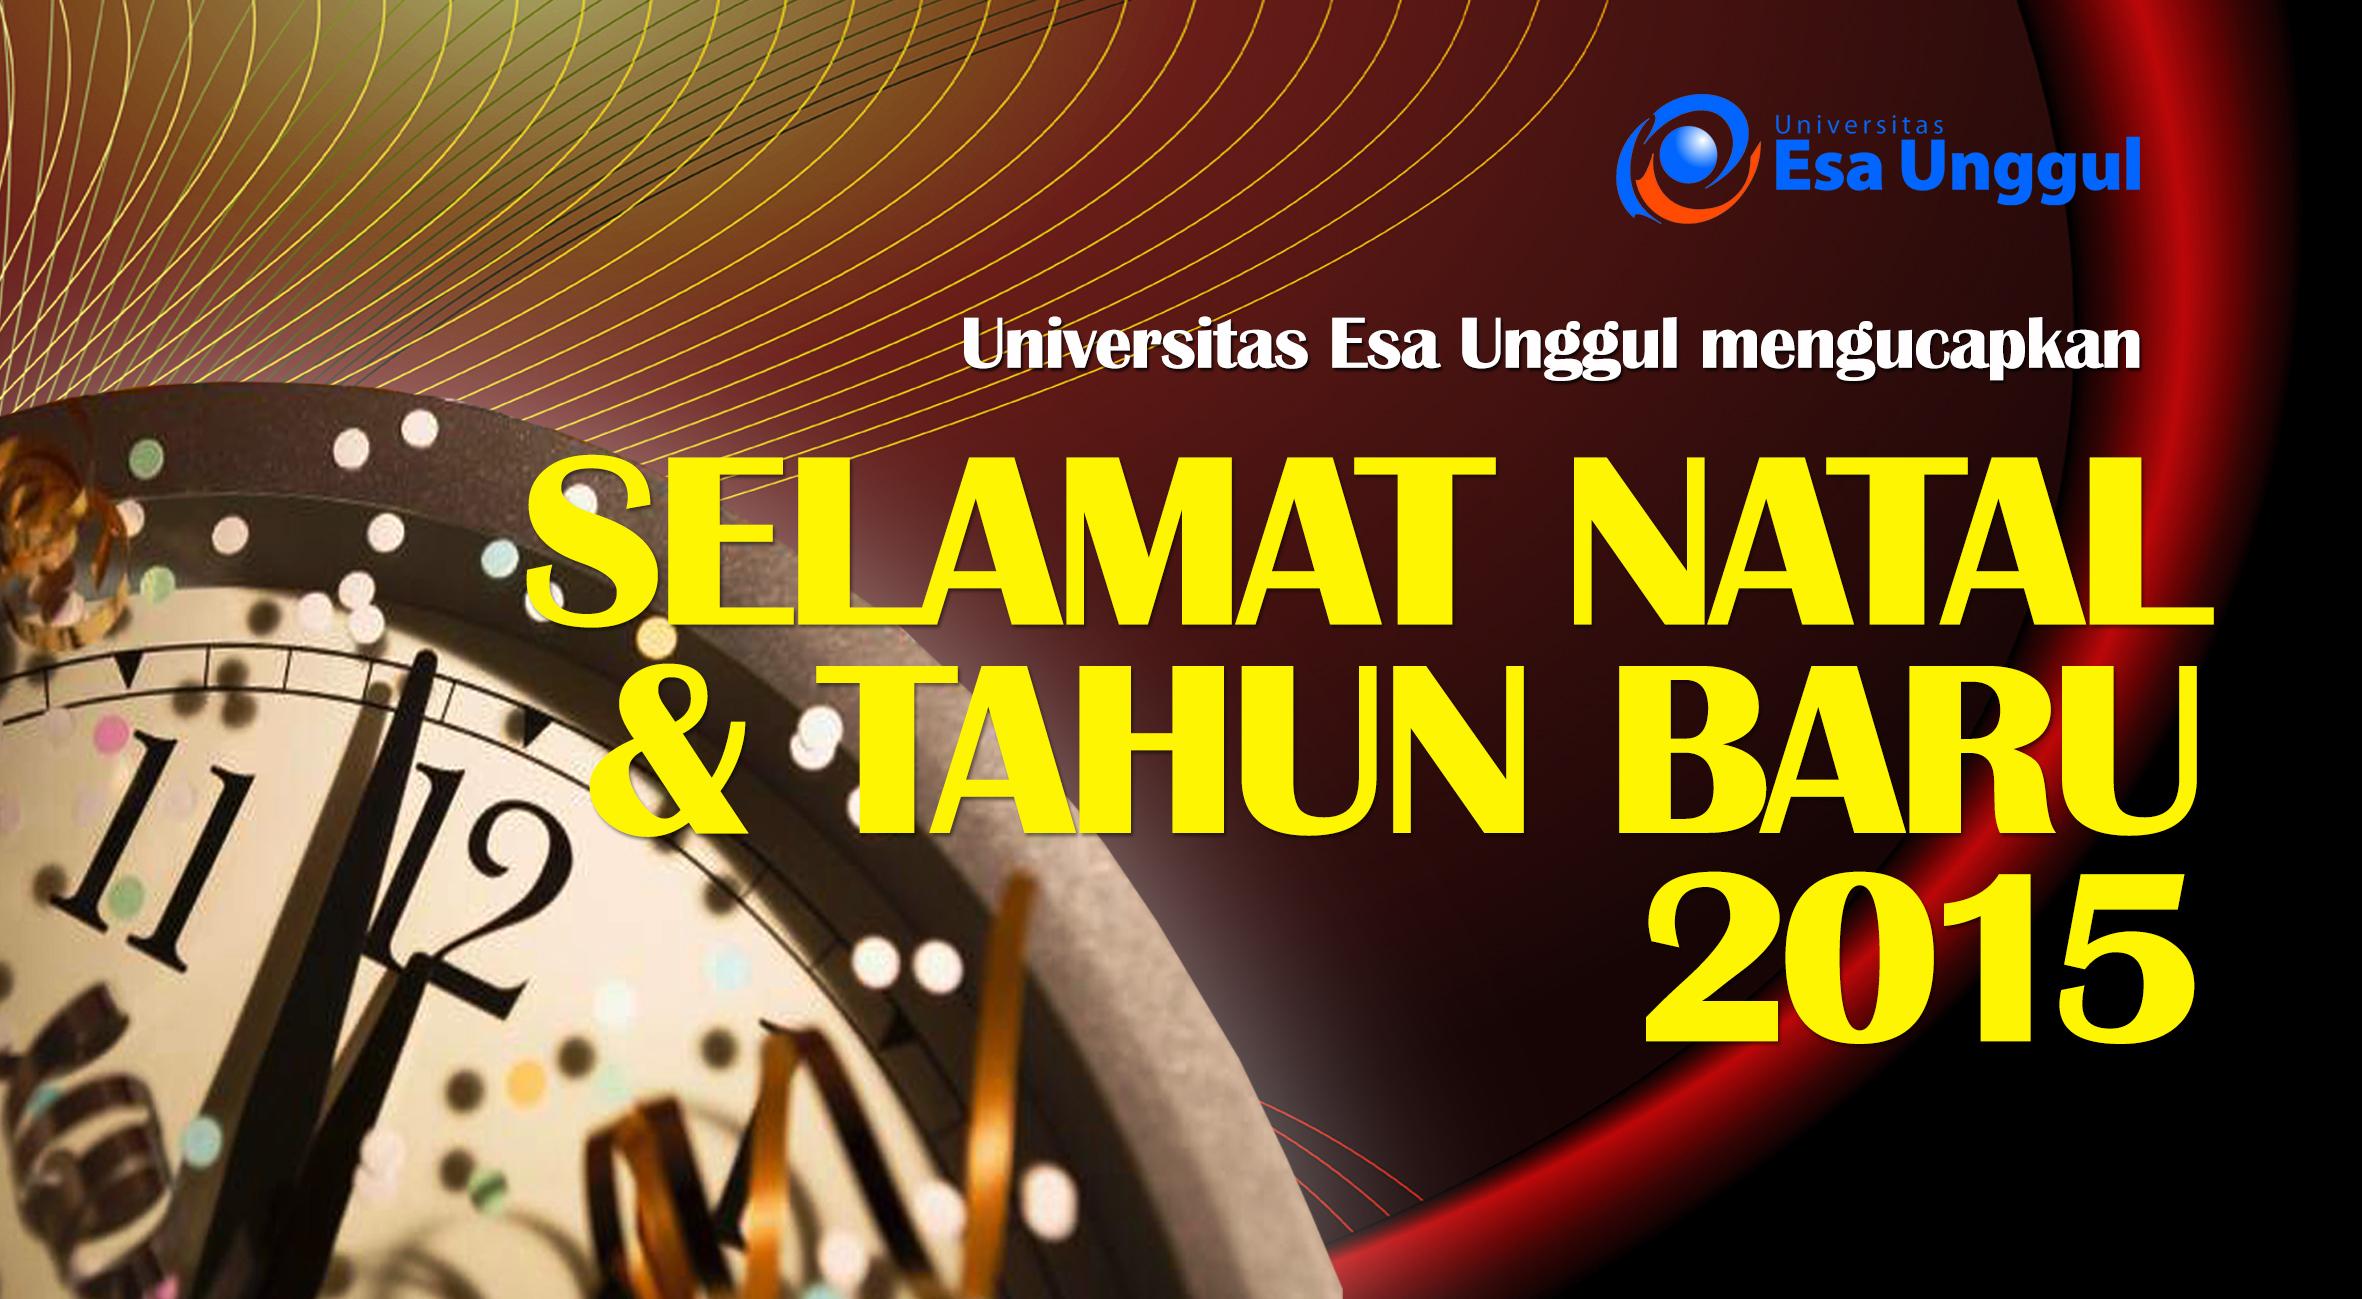 Universitas Esa Unggul mengucapkan Selamat Natal dan Tahun Baru 2015